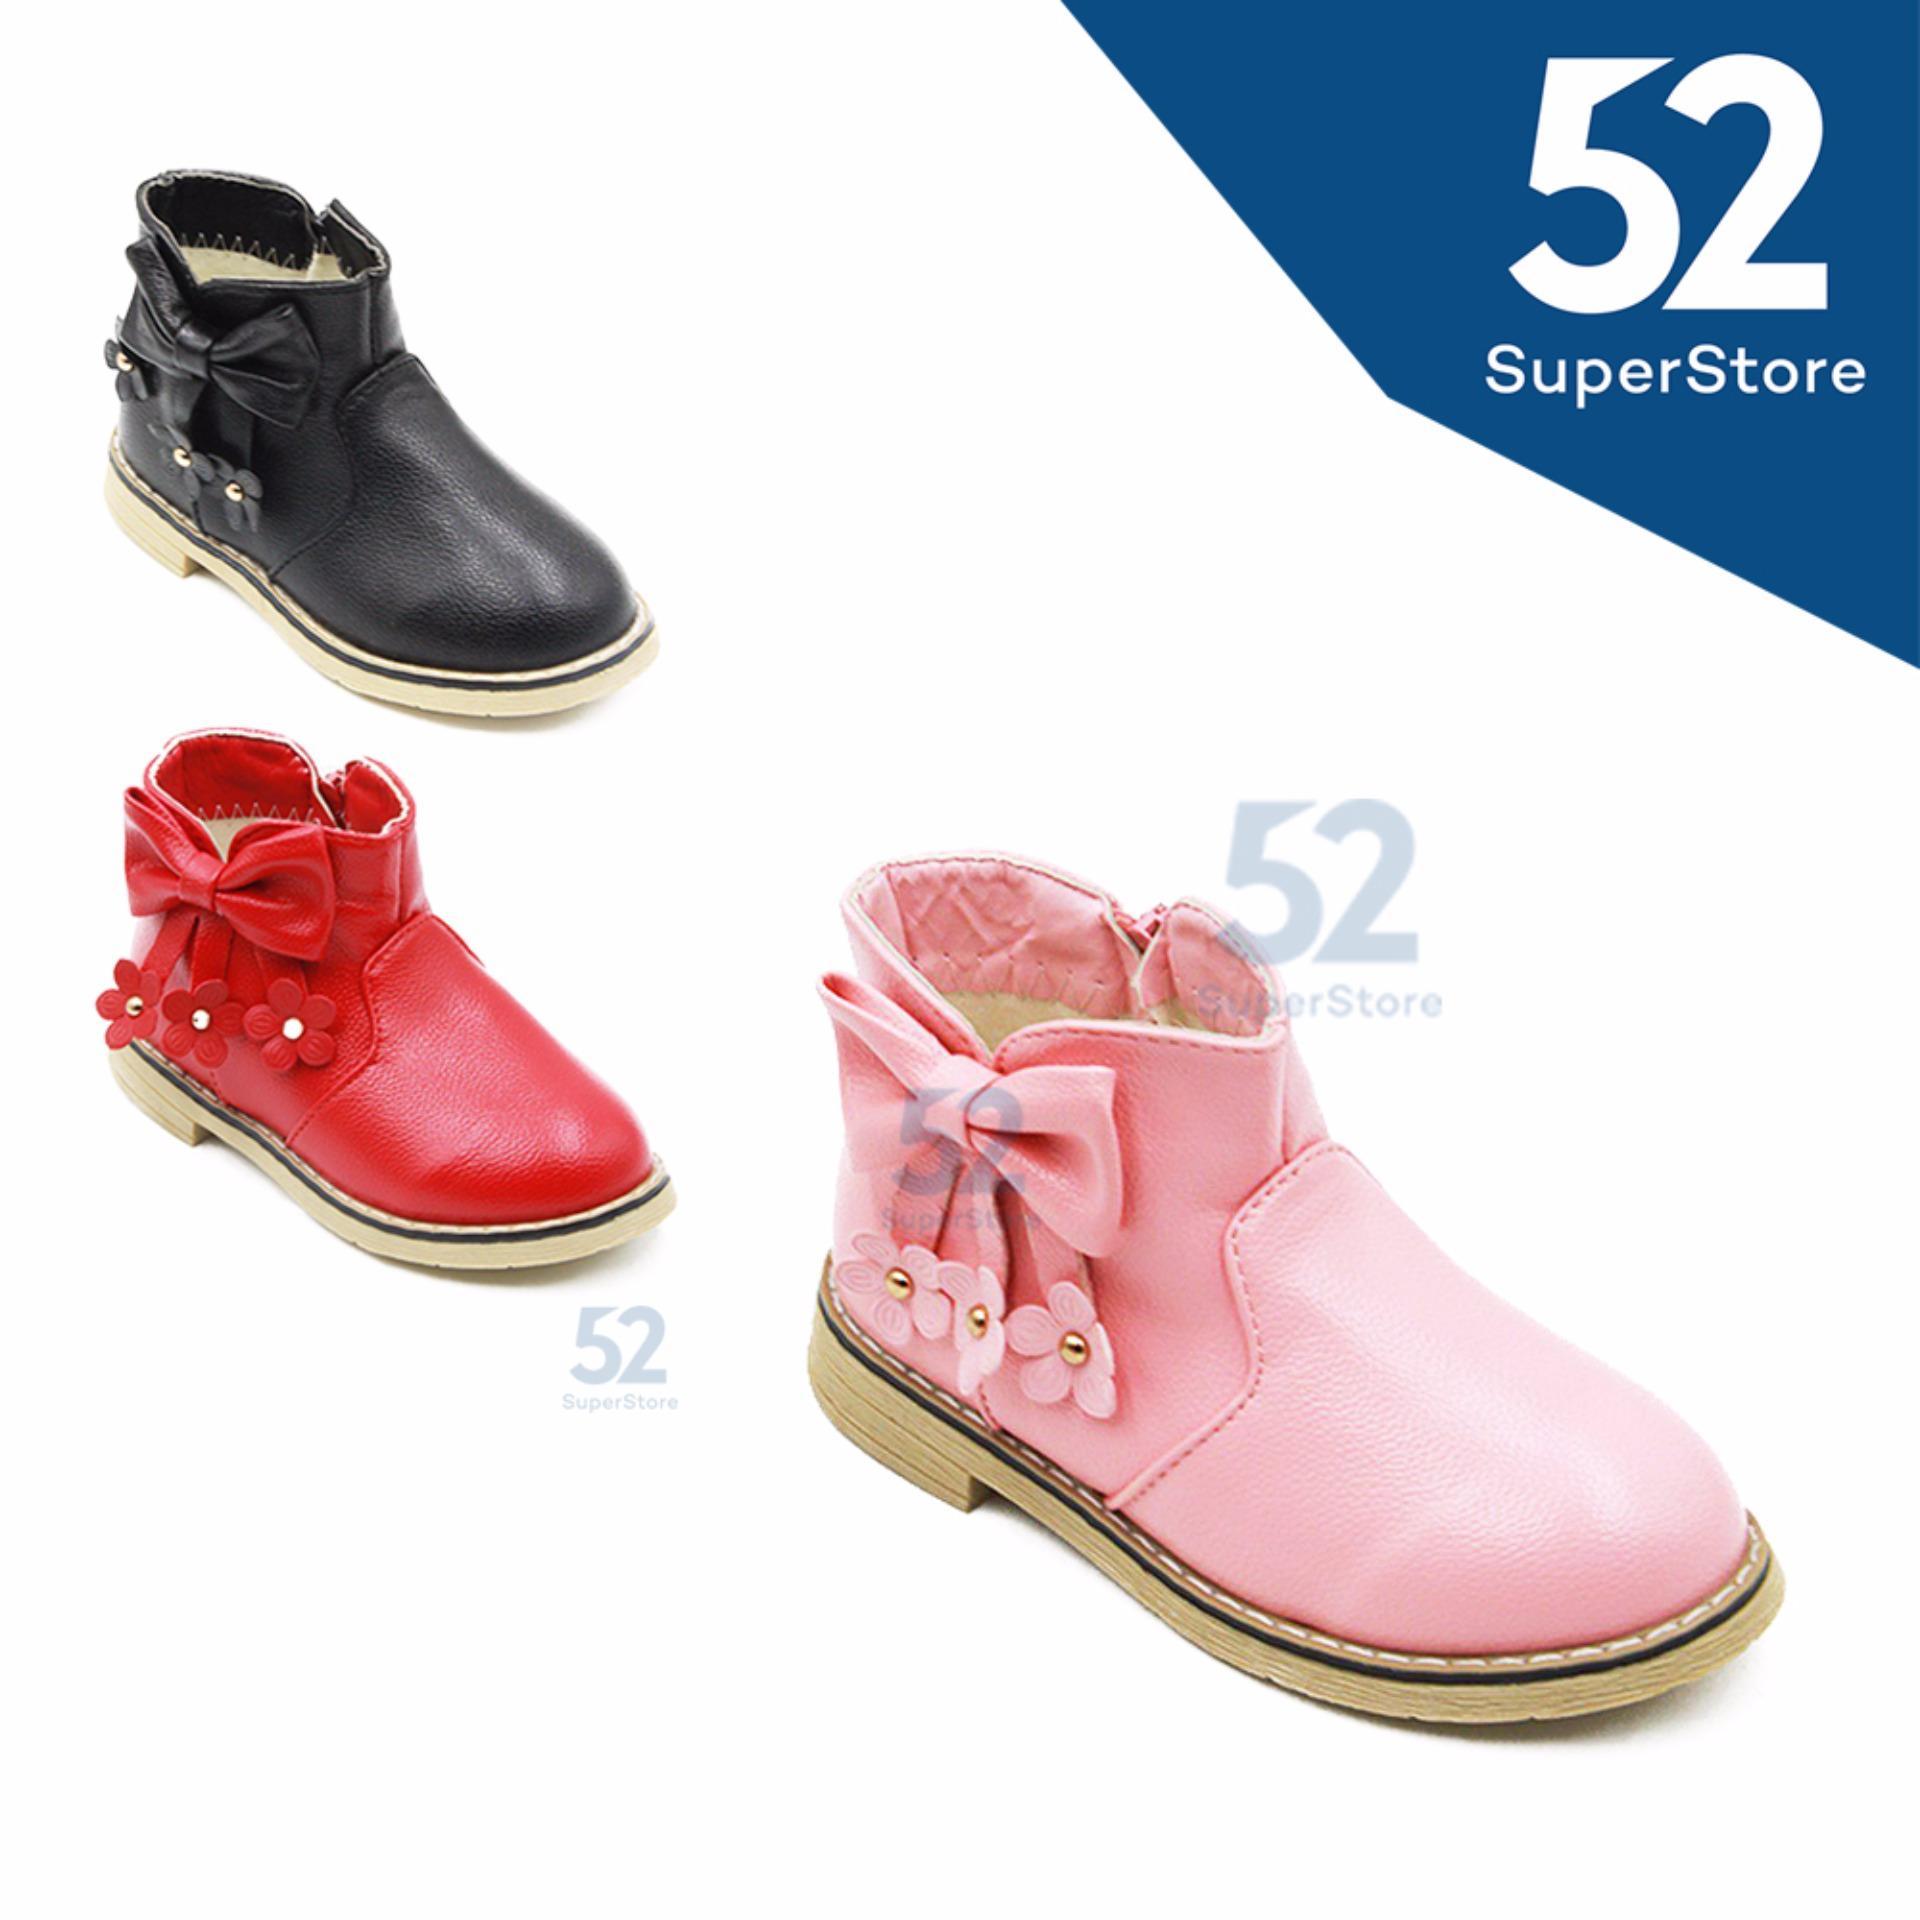 DEA Sepatu Anak Boot 1611-116 Pink Size 26/31